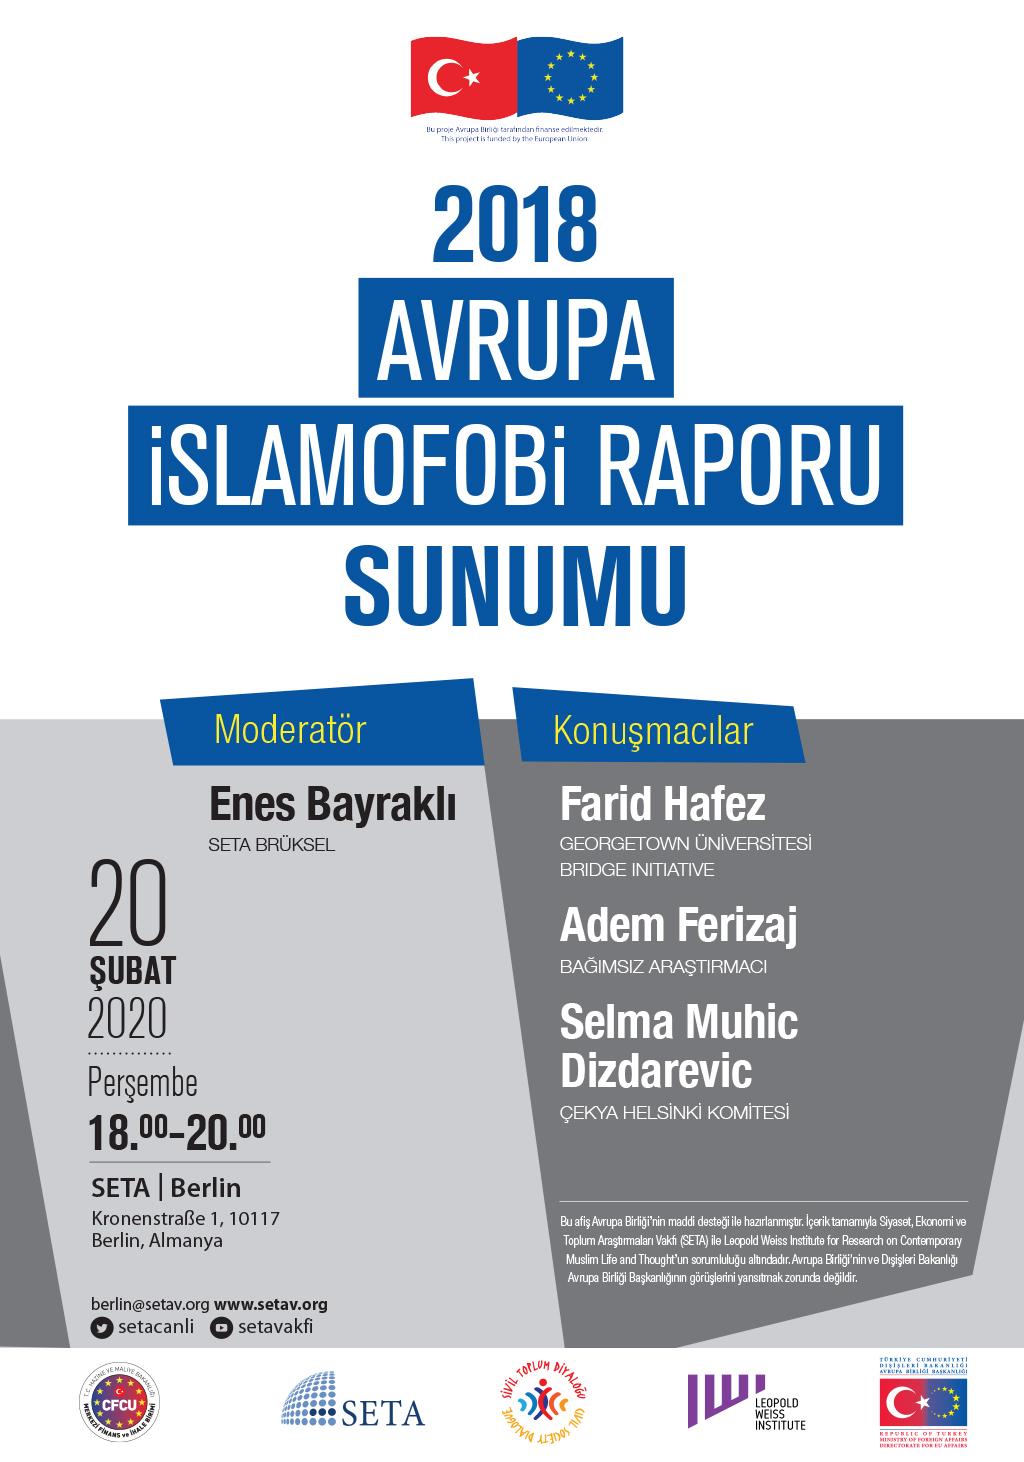 Panel: 2018 Avrupa İslamofobi Raporu Sunumu